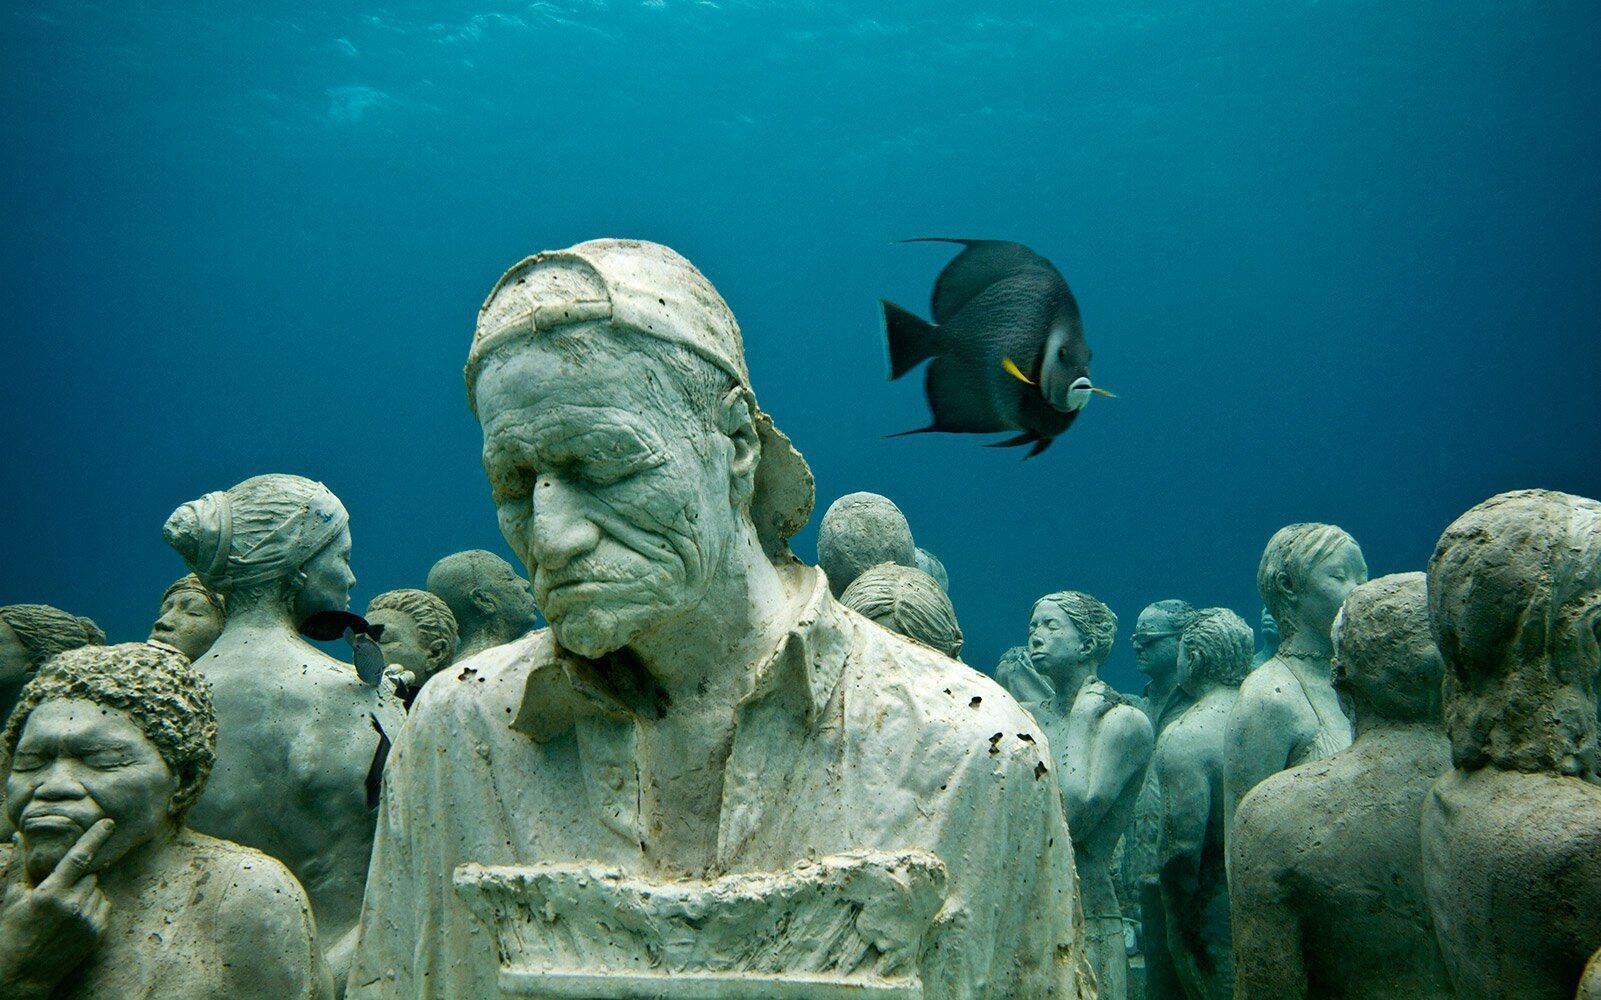 Dünyanın En İlginç Müzelerinden Biri: Meksika Sualtı Heykel Müzesi -  Milliyet Emlak